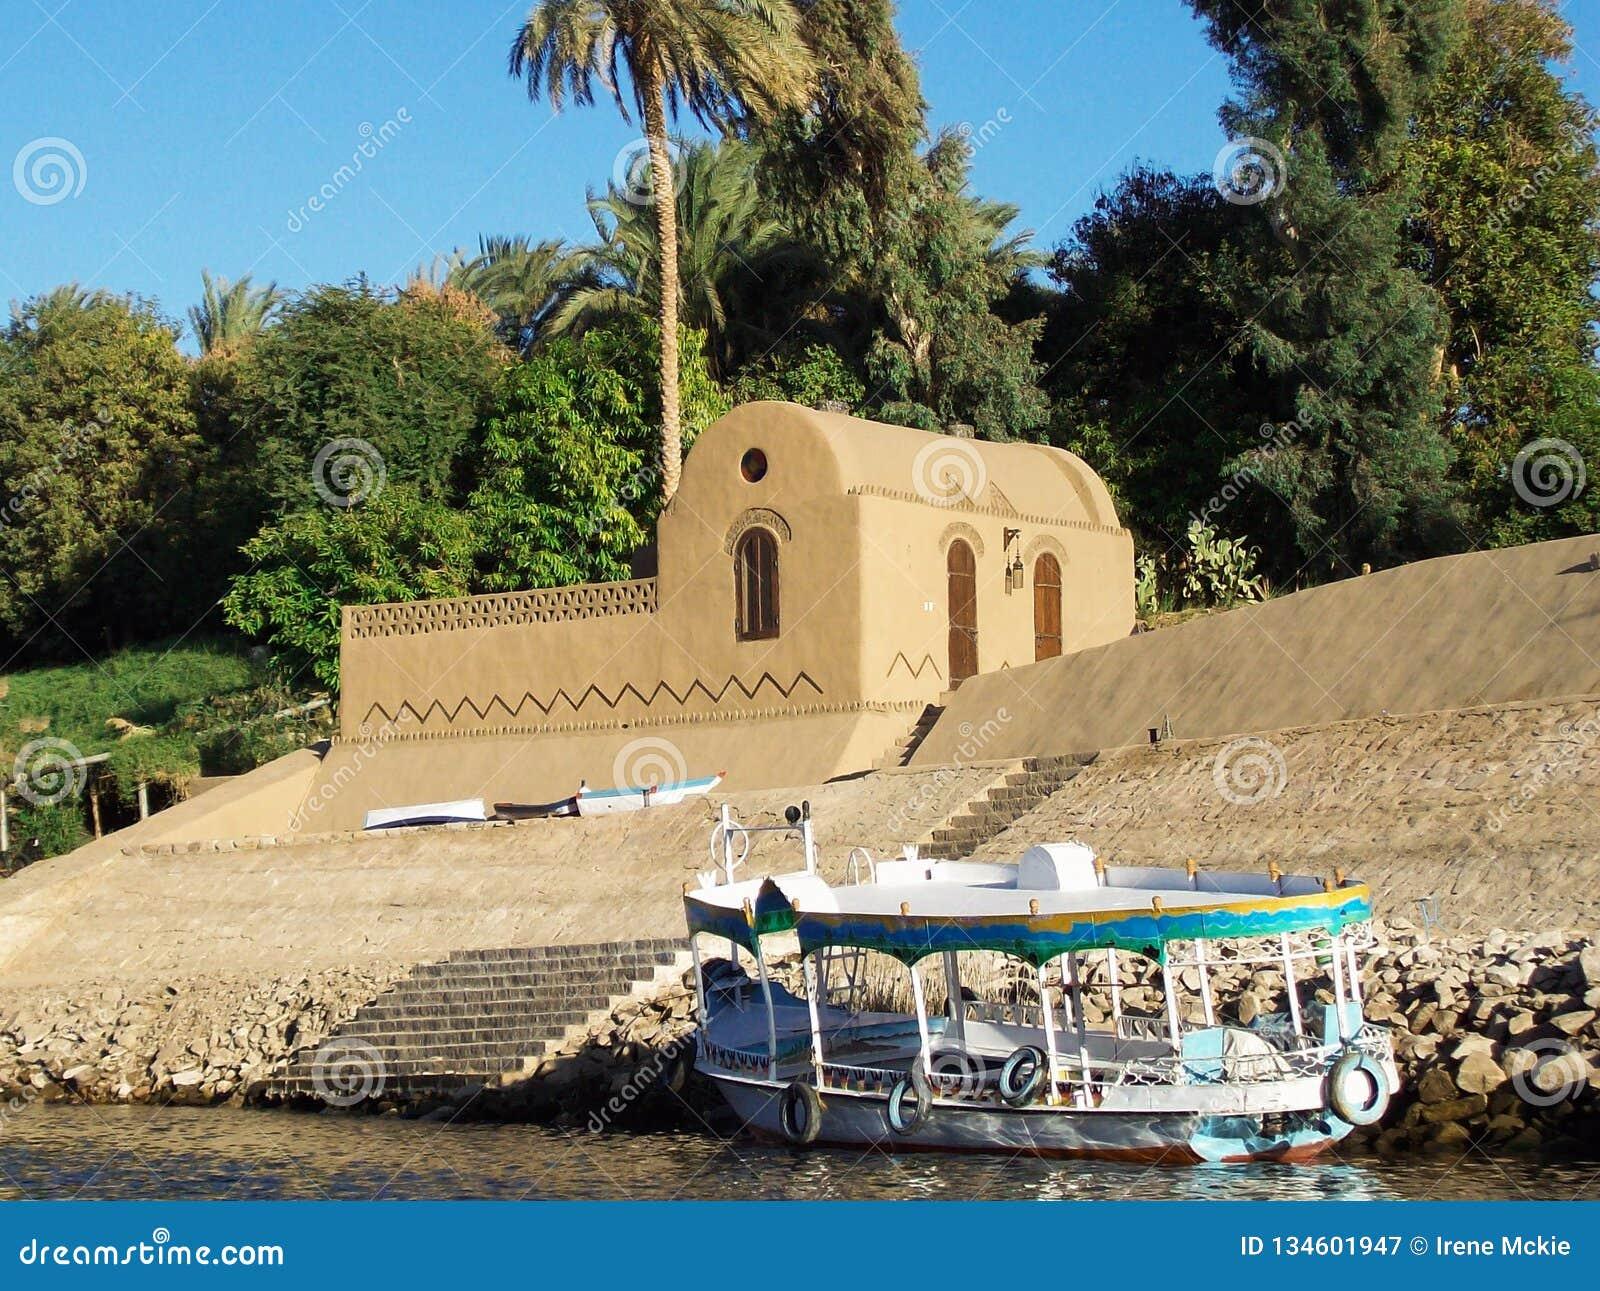 L Egitto, Nilo, casa egiziana sulla banca del fiume, con la barca attraccata